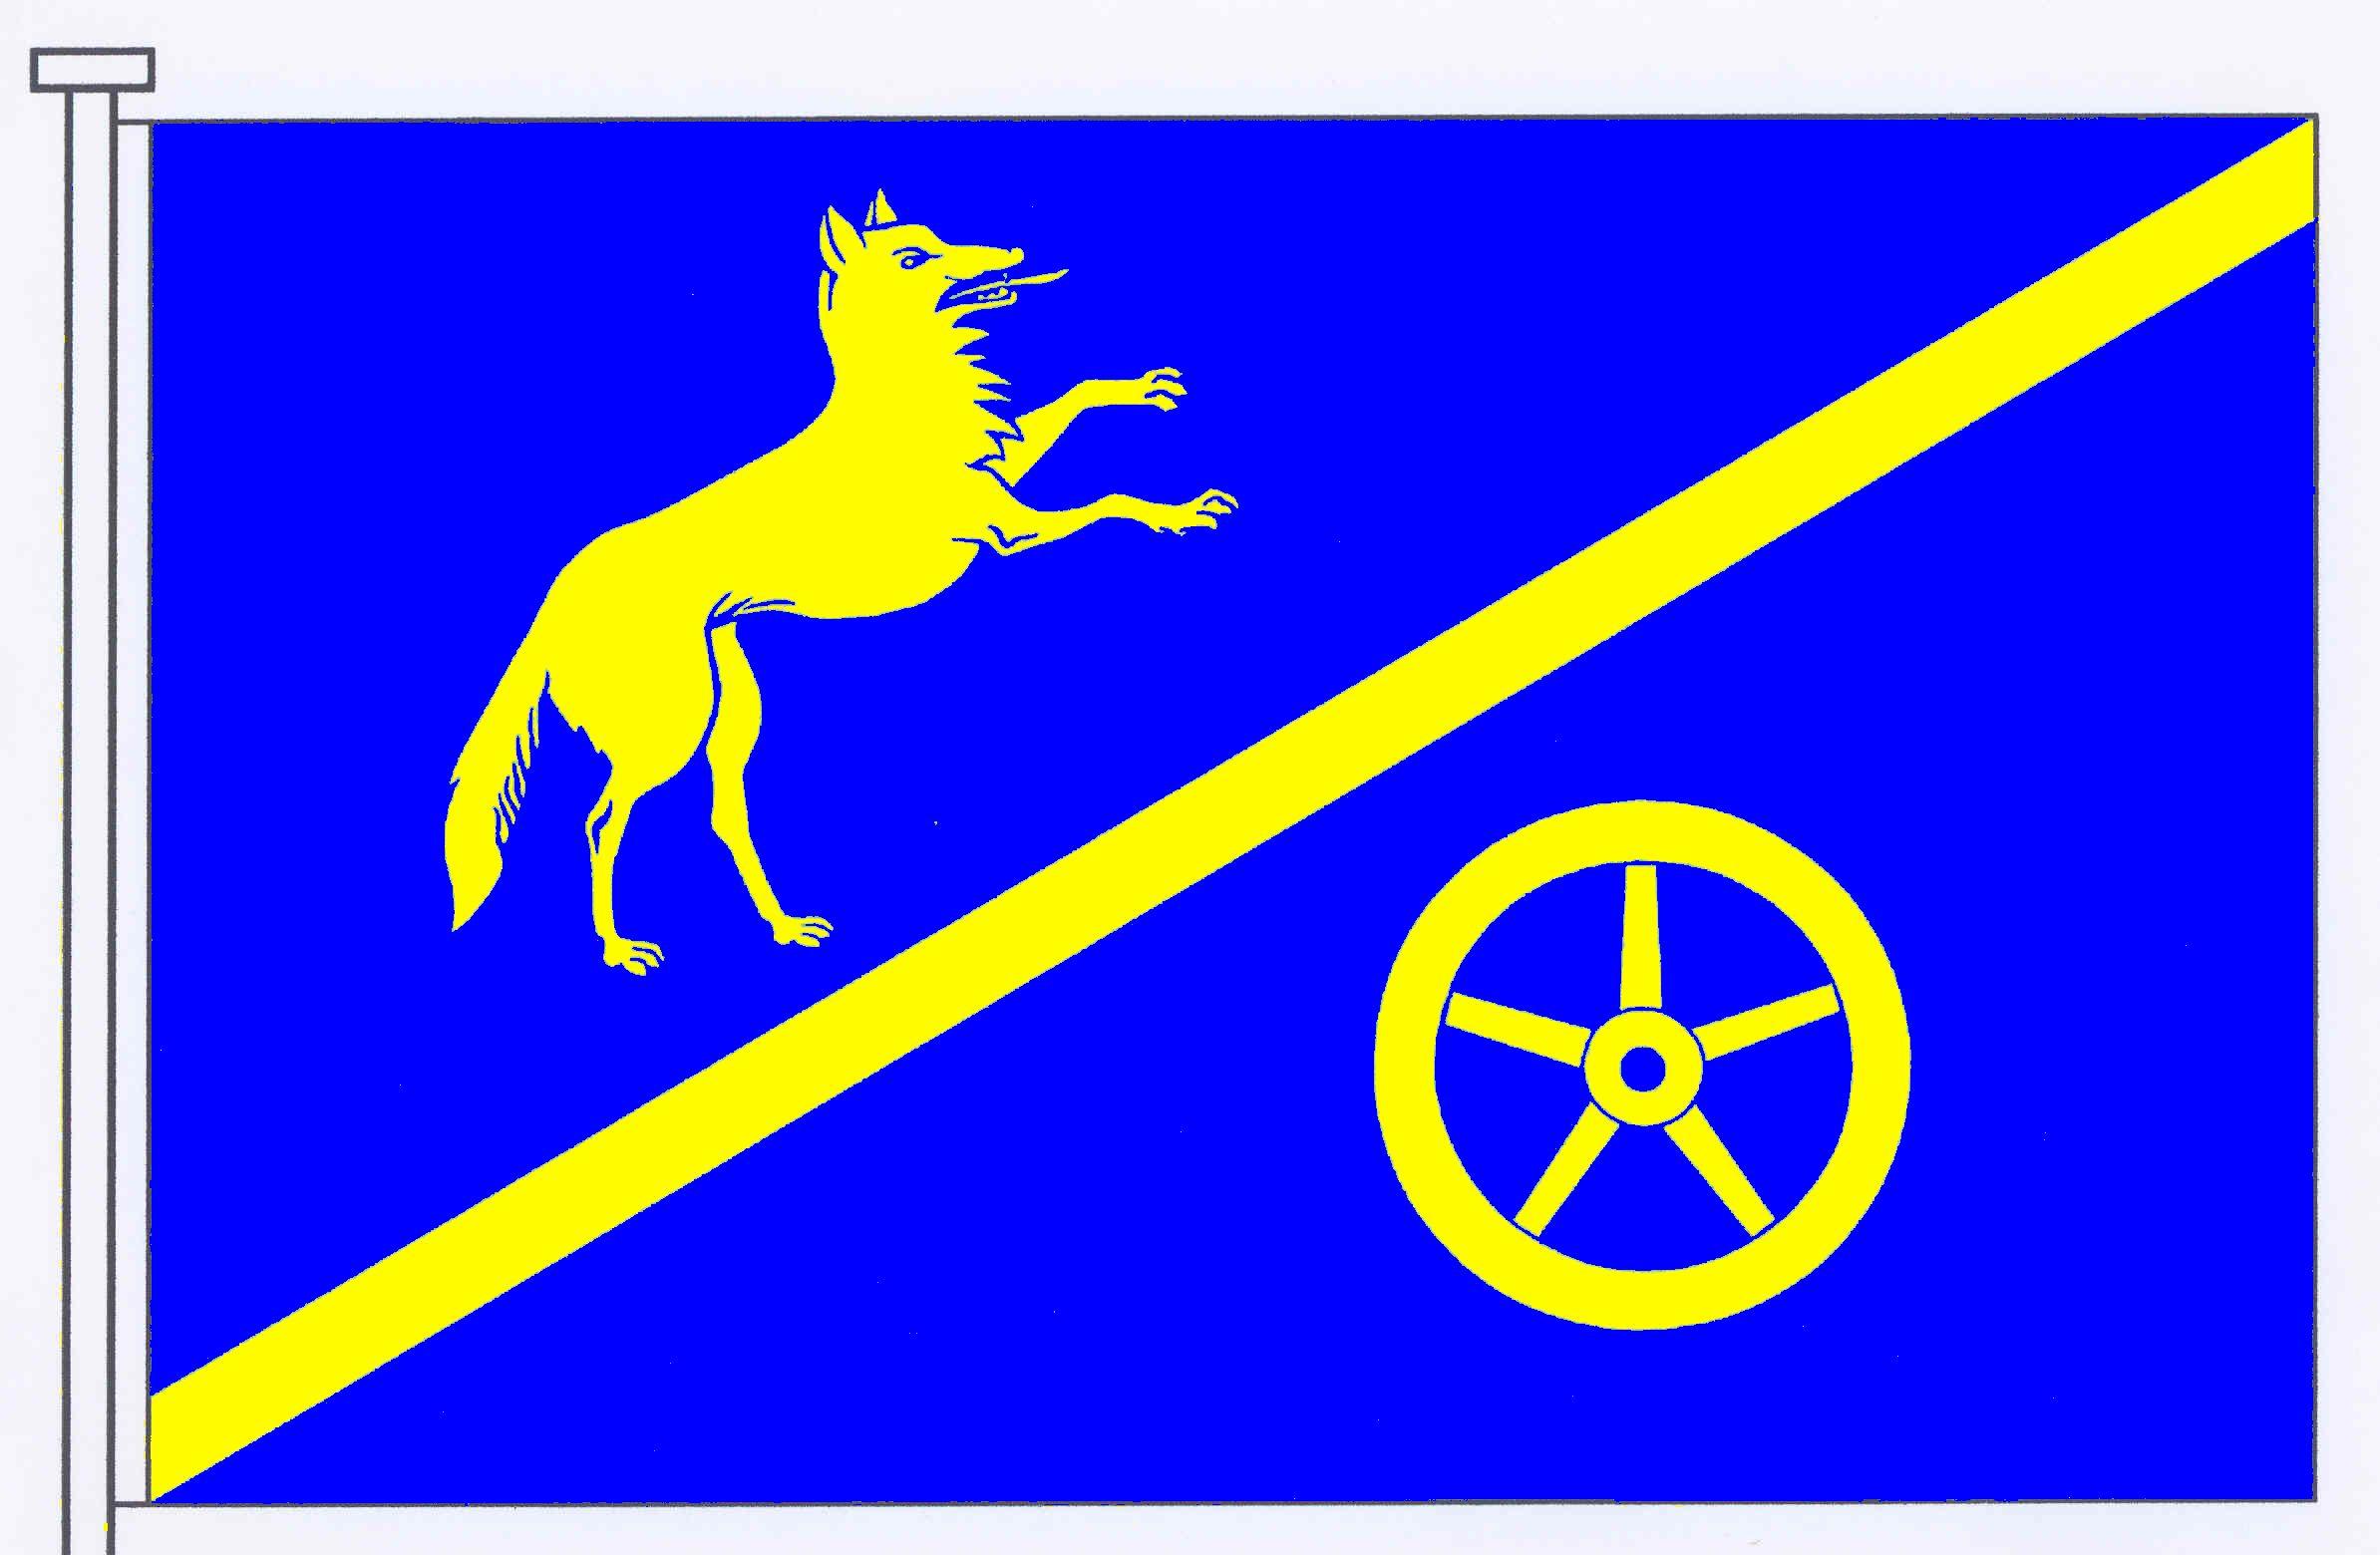 Flagge GemeindeWindeby, Kreis Rendsburg-Eckernförde